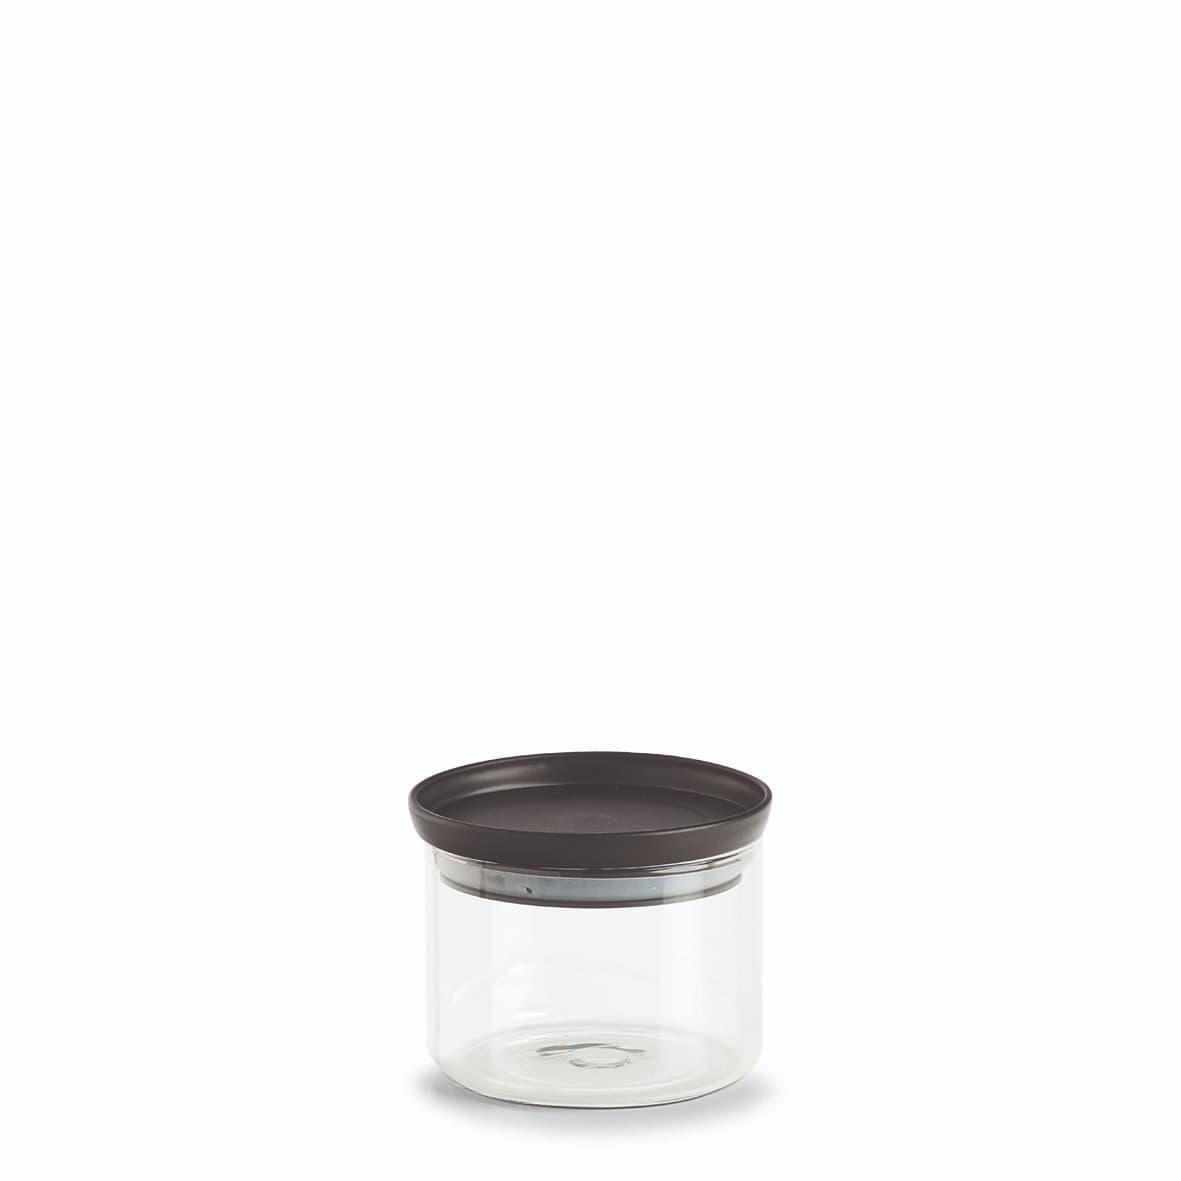 Recipient pentru depozitare cu capac etans, din sticla, Classic Small Transparent / Negru, 350 ml, Ø10,3xH8,1 cm imagine